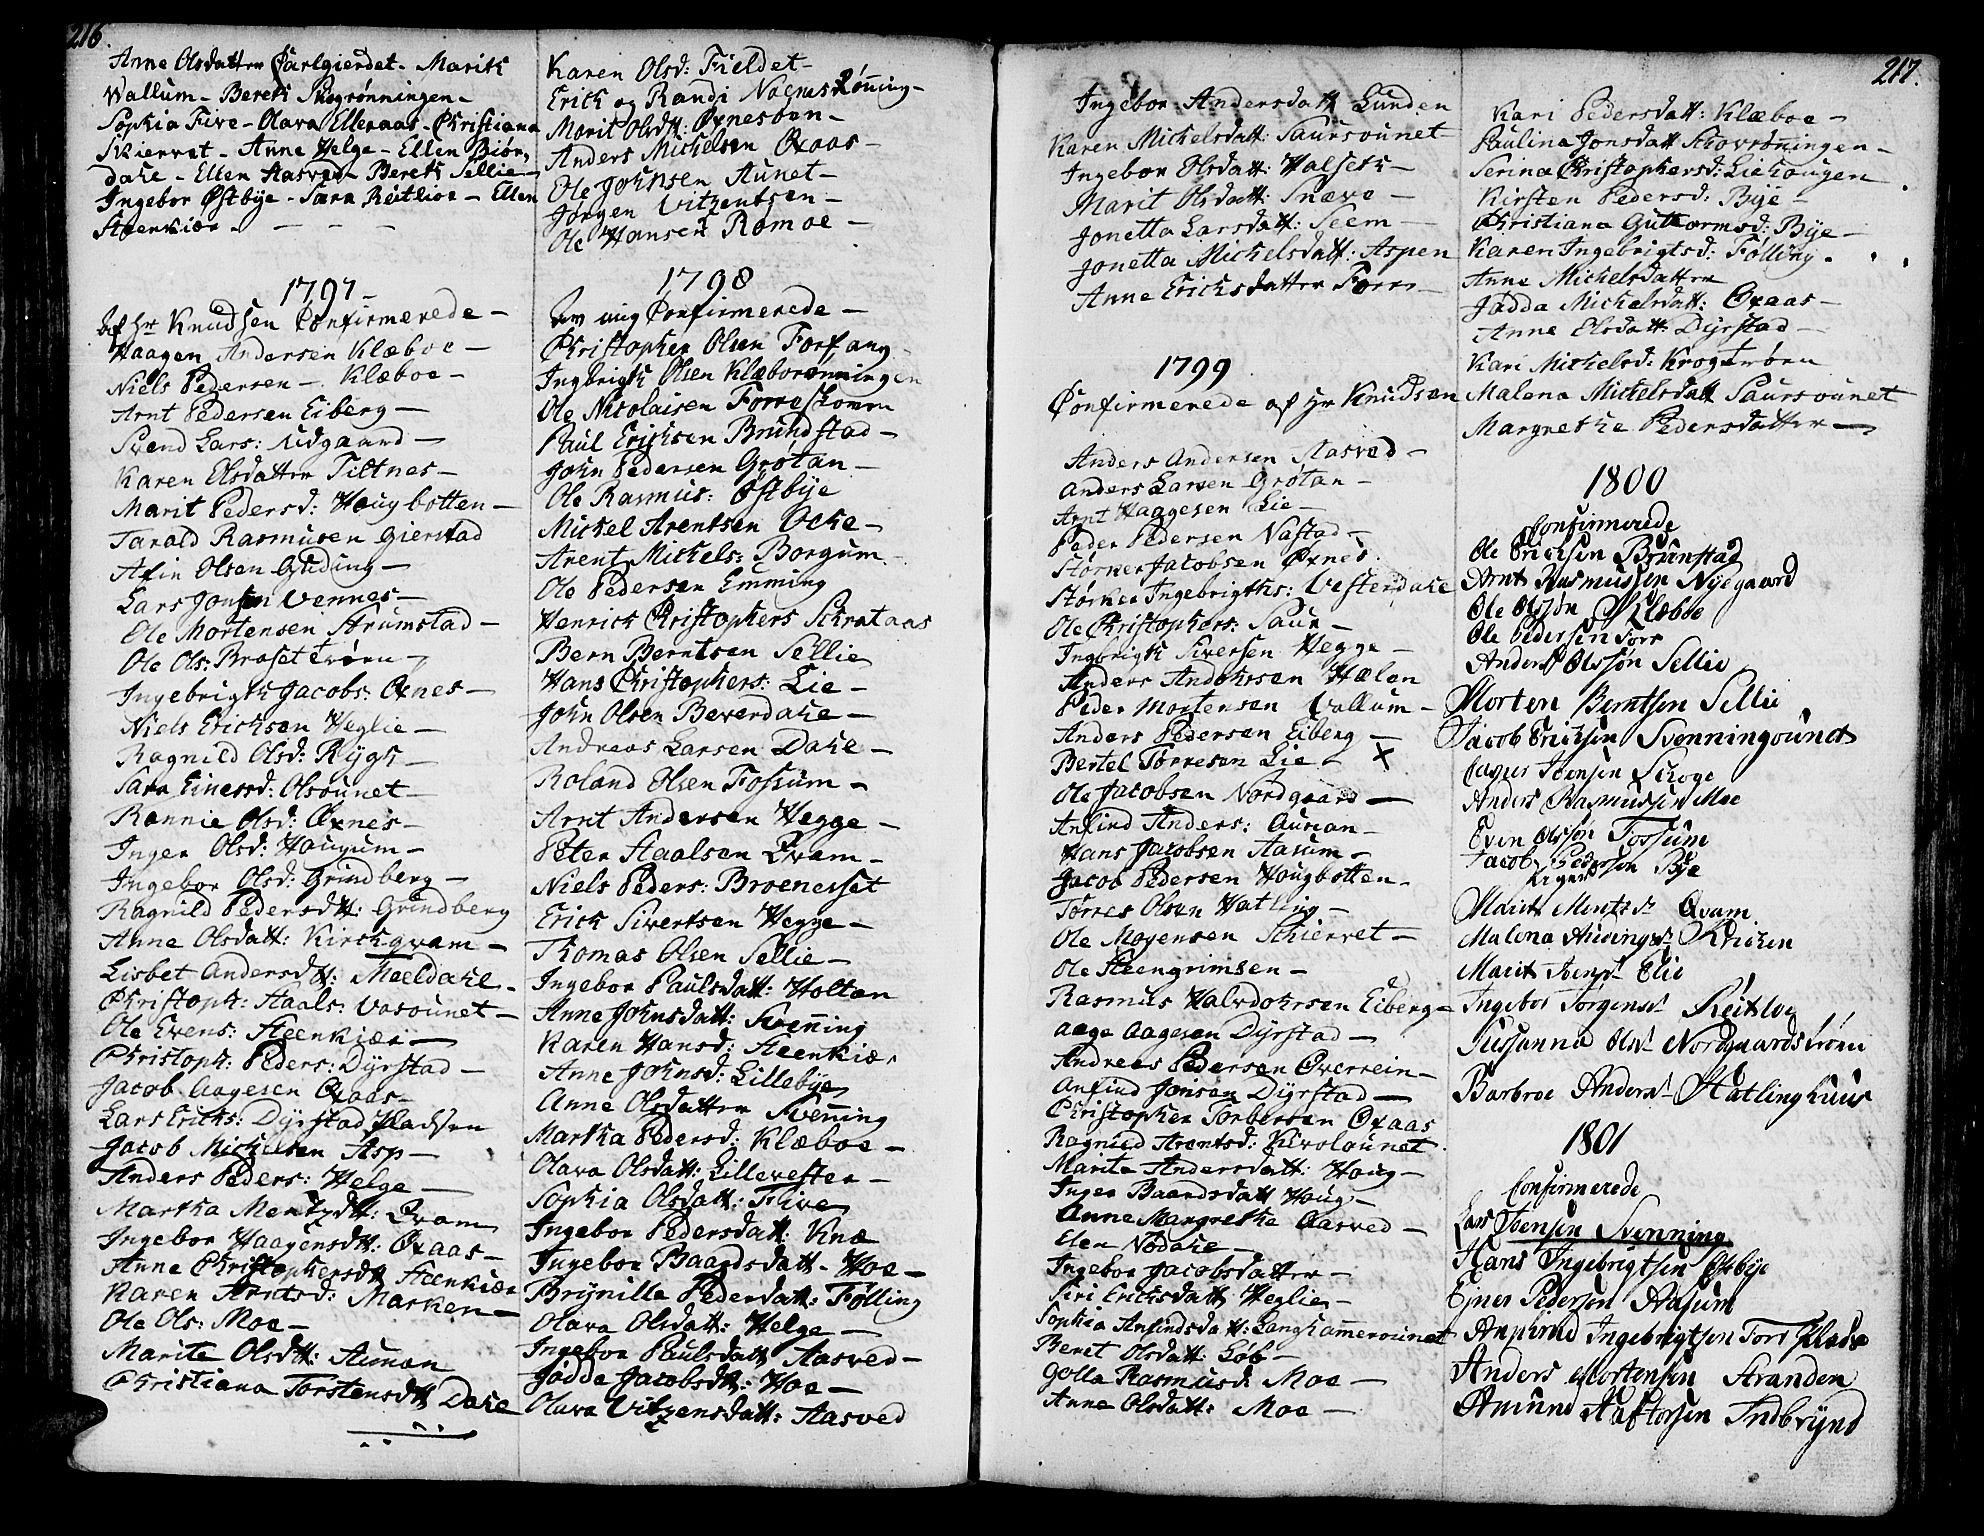 SAT, Ministerialprotokoller, klokkerbøker og fødselsregistre - Nord-Trøndelag, 746/L0440: Ministerialbok nr. 746A02, 1760-1815, s. 216-217